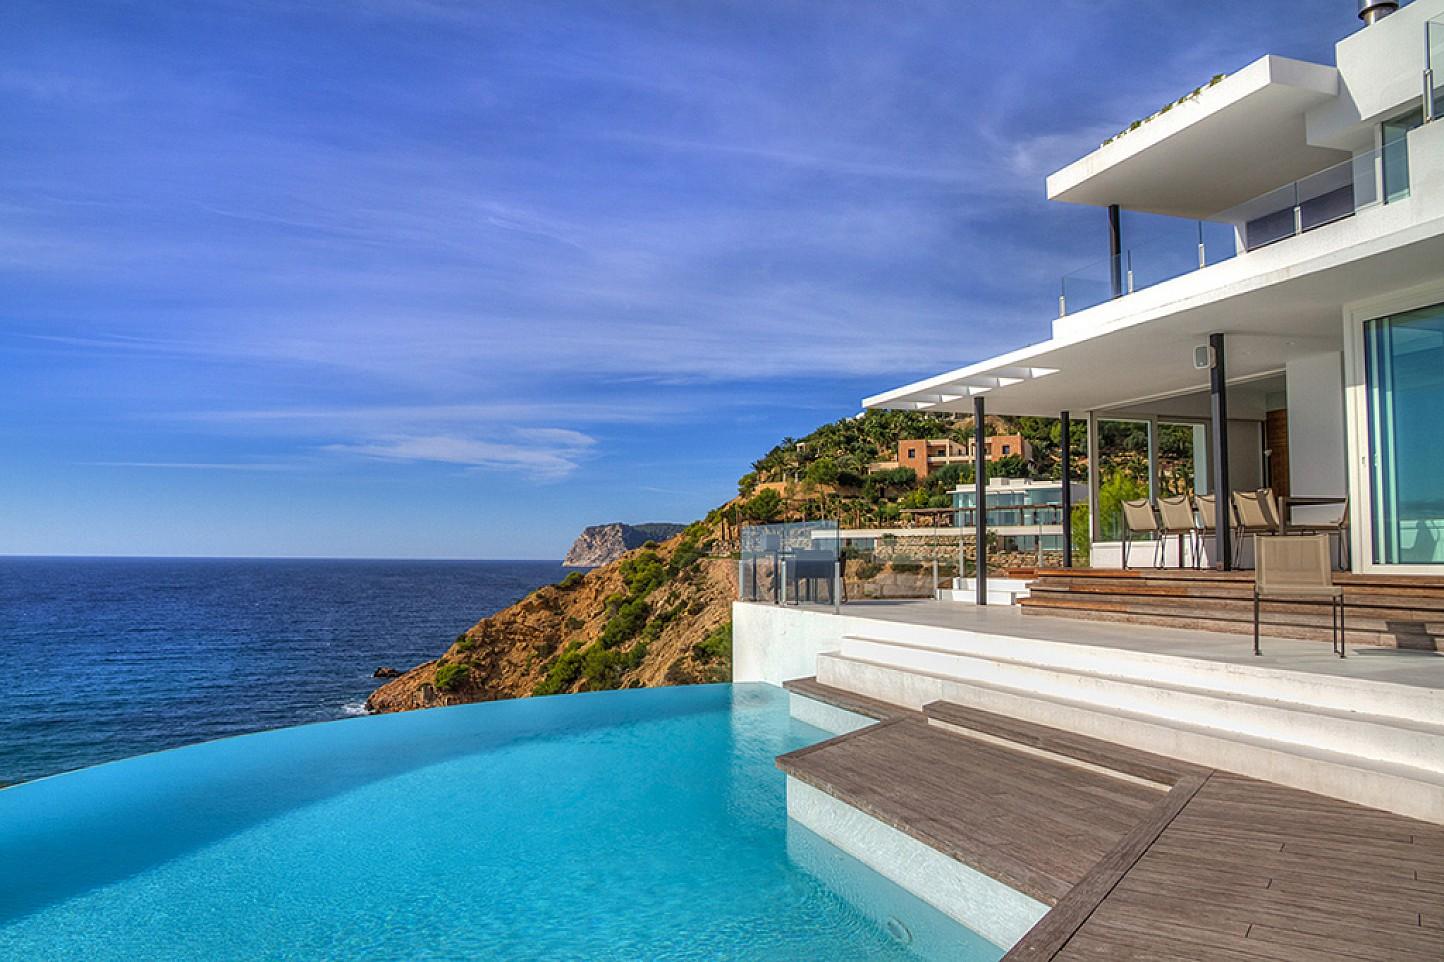 Magníficas vistas al mar desde la zona de la piscina